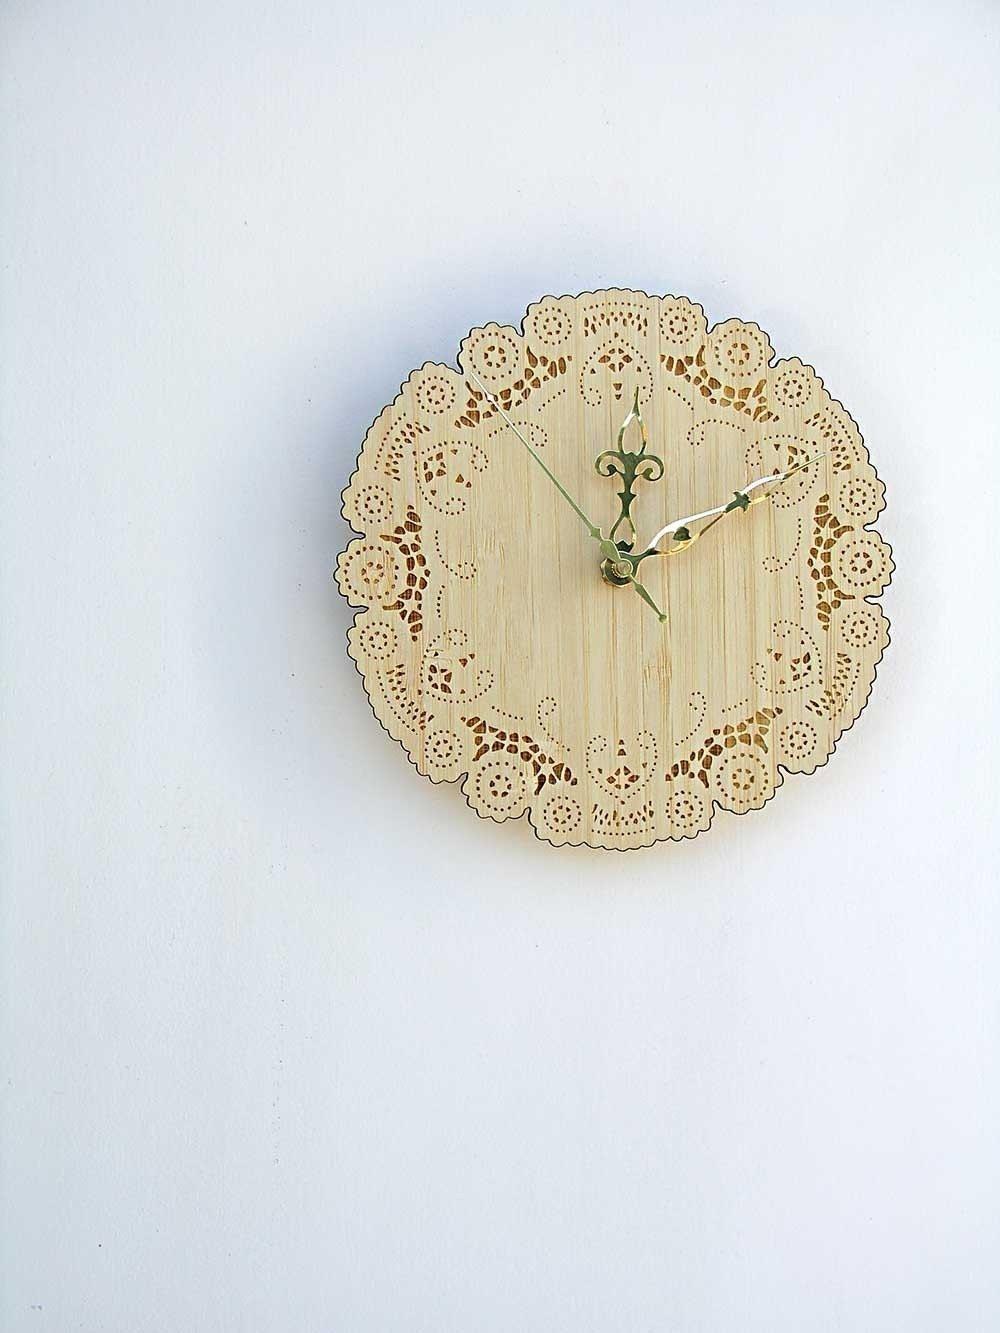 boho bamboo doily clock - uncommon